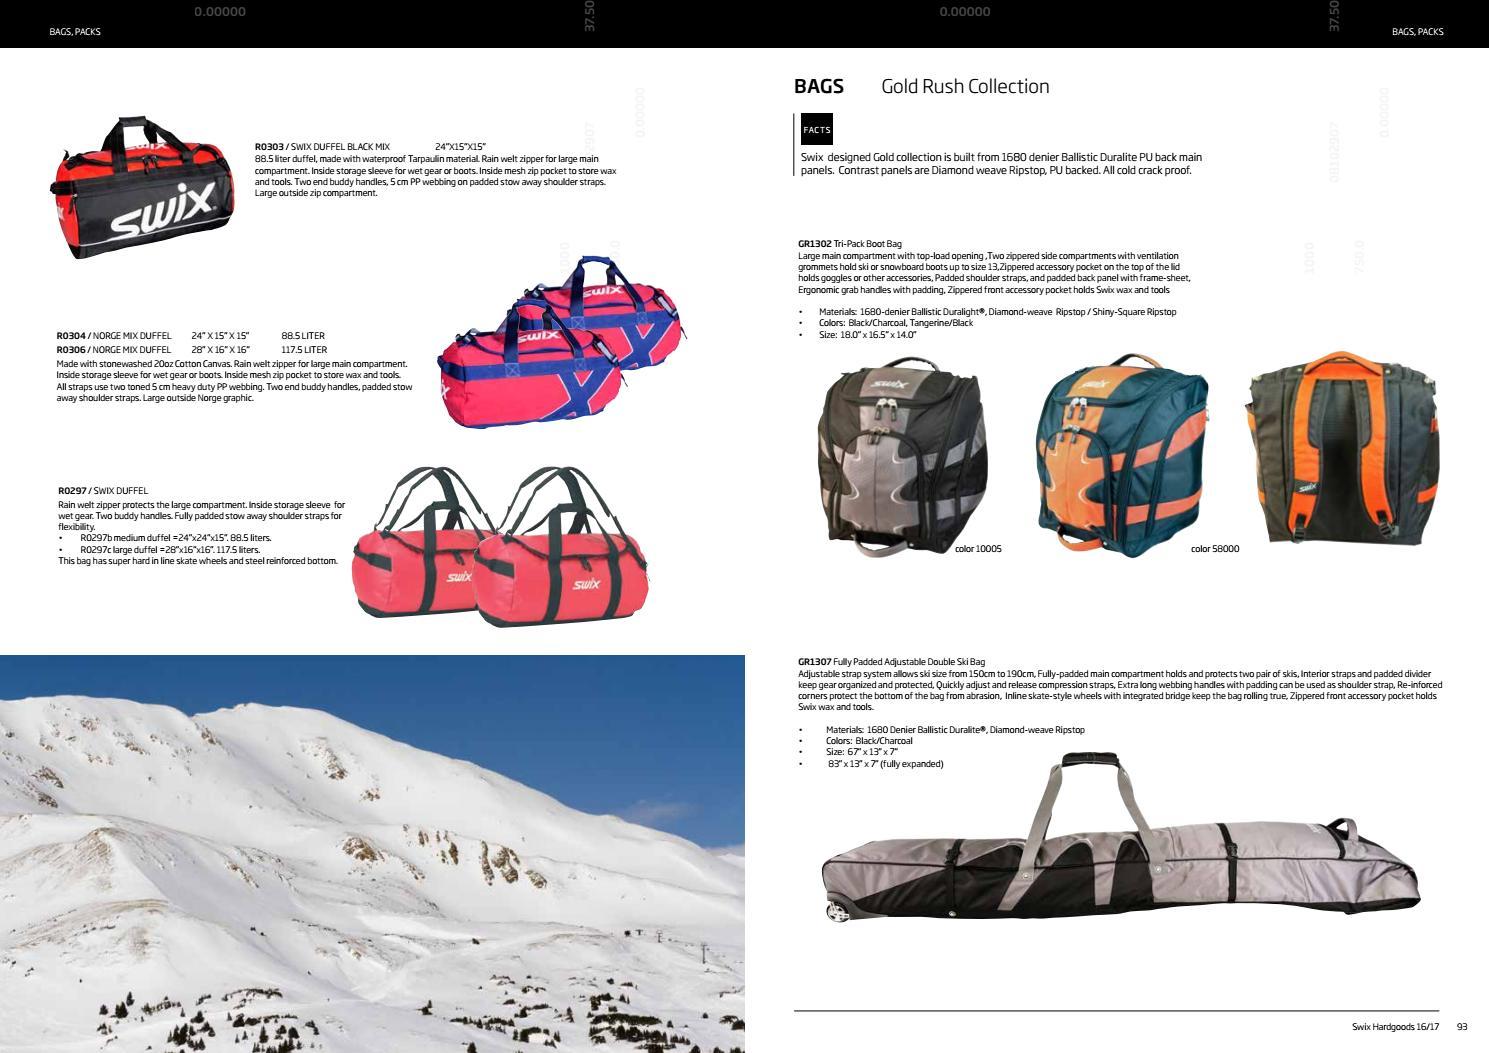 c1d49ee276d4 Swix ski wax tools accessories 2016 2017 catalog winter by snowsport ...